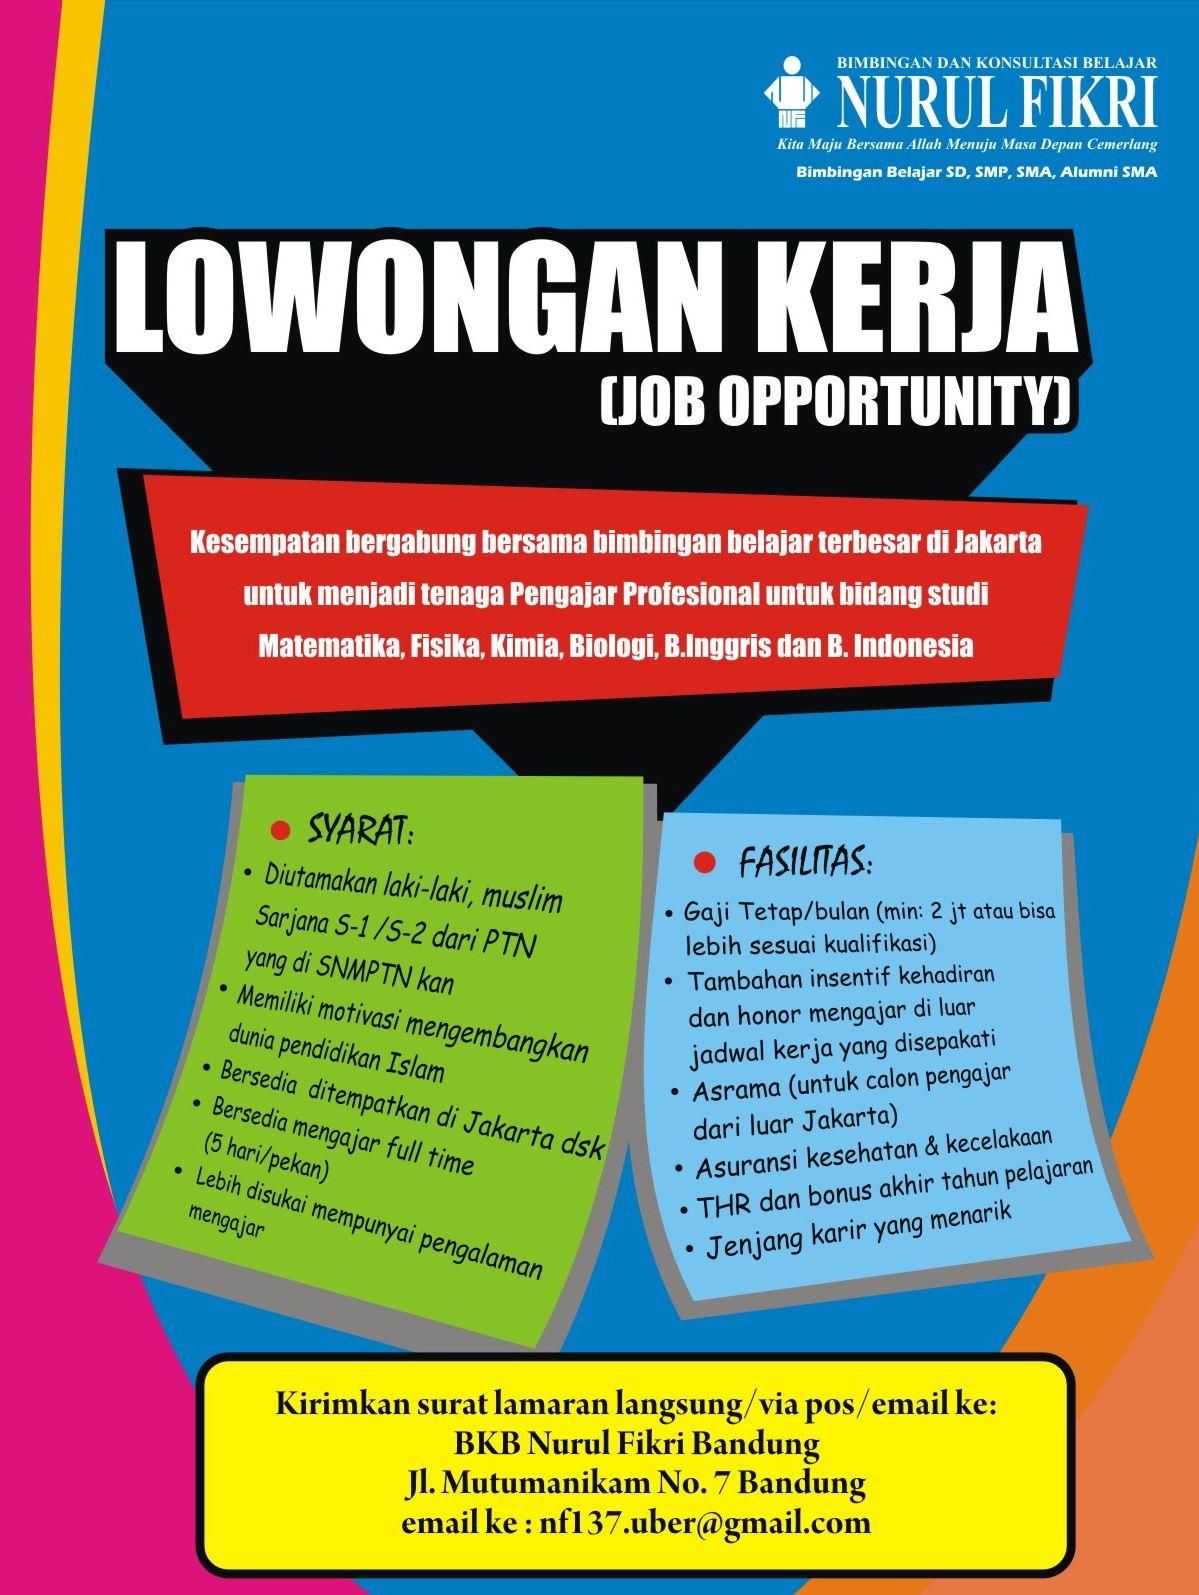 Lowongan Kerja Untuk Sma Di Bandung Informasi Lowongan Kerja Loker Terbaru 2016 2017 Di Jakarta Untuk Menjadi Tenaga Pengajar Profesional Untuk Bidang